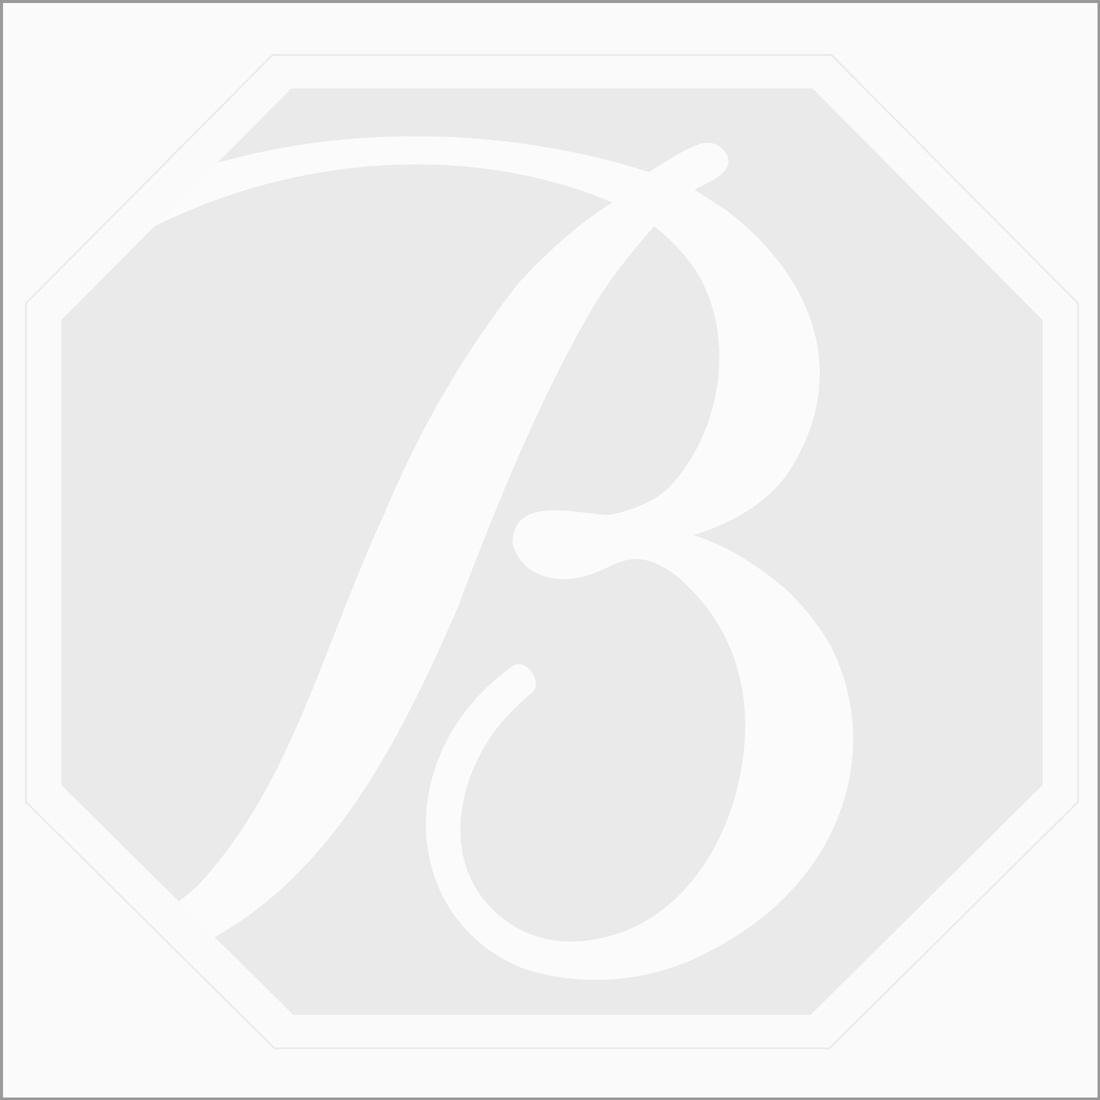 1 Pc - Dark Green Tourmaline Rose Cut - 12.02 ct. - 22 x 15 x 4.4 mm (TRC1057)